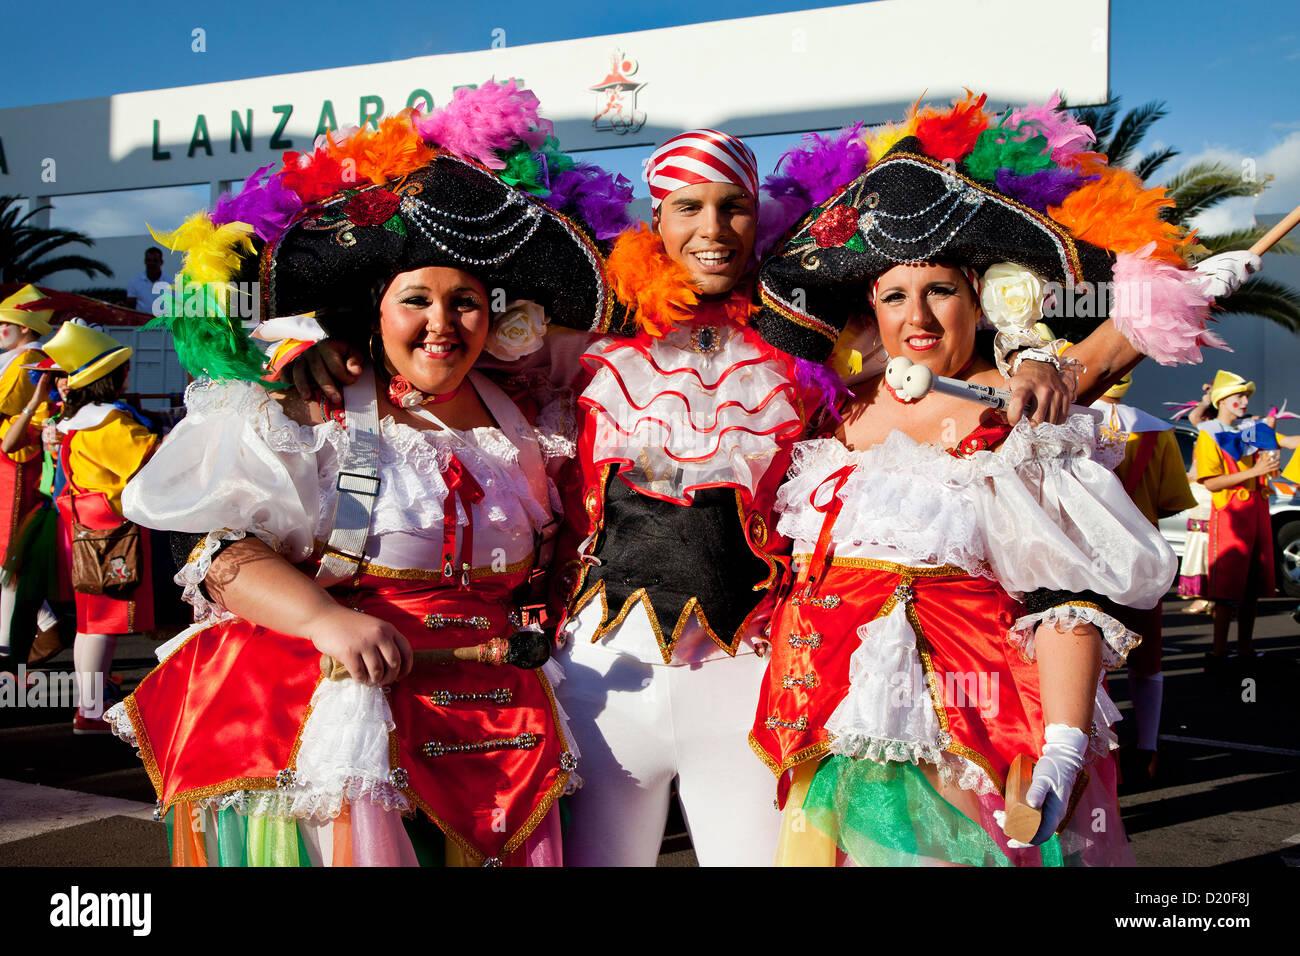 Travestito persone alla sfilata di carnevale, Arrecife, Lanzarote, Isole Canarie, Spagna, Europa Immagini Stock